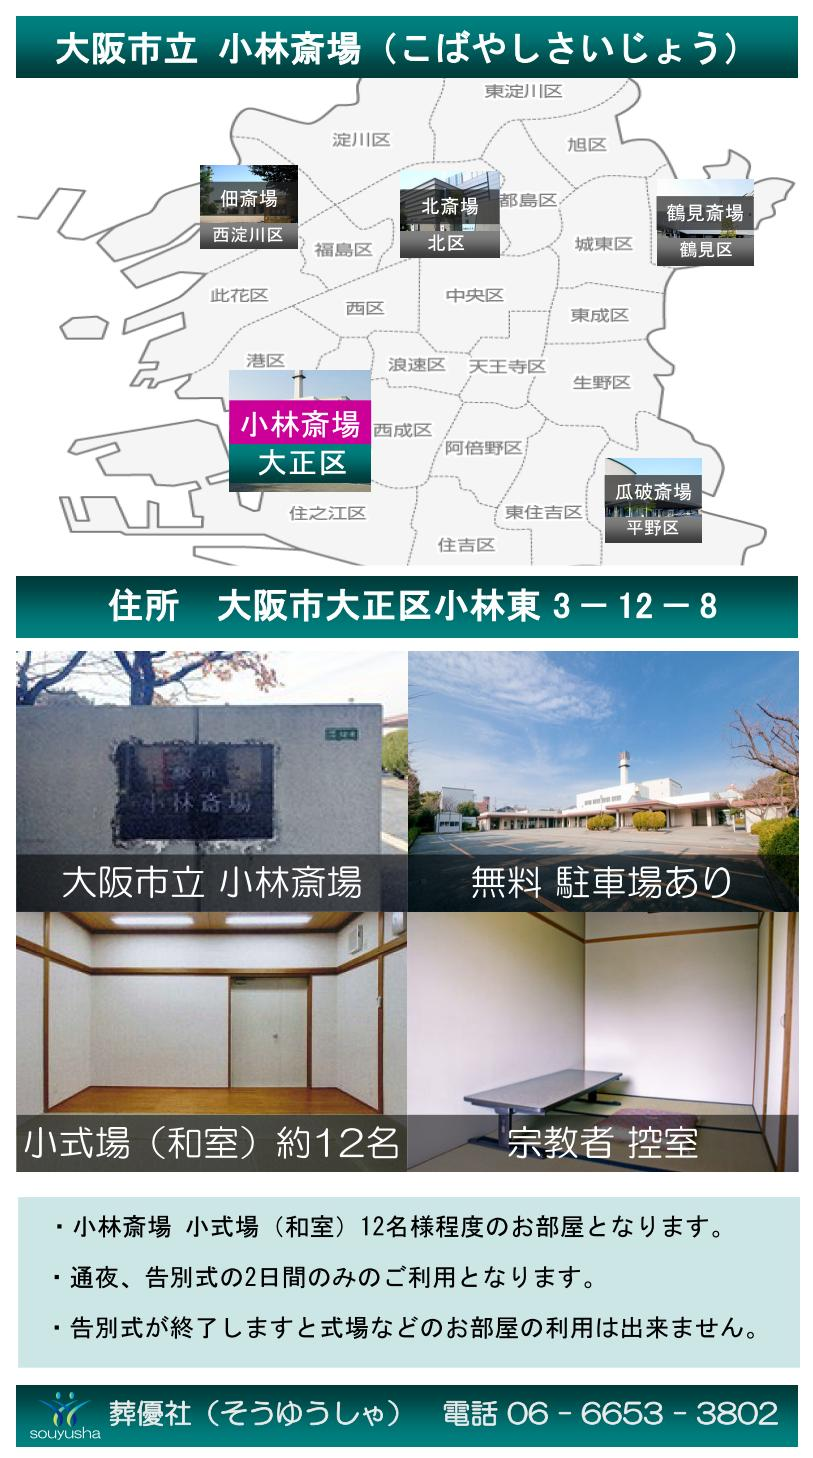 大阪市立 小林斎場は火葬、葬儀が行える大正区にある斎場です。